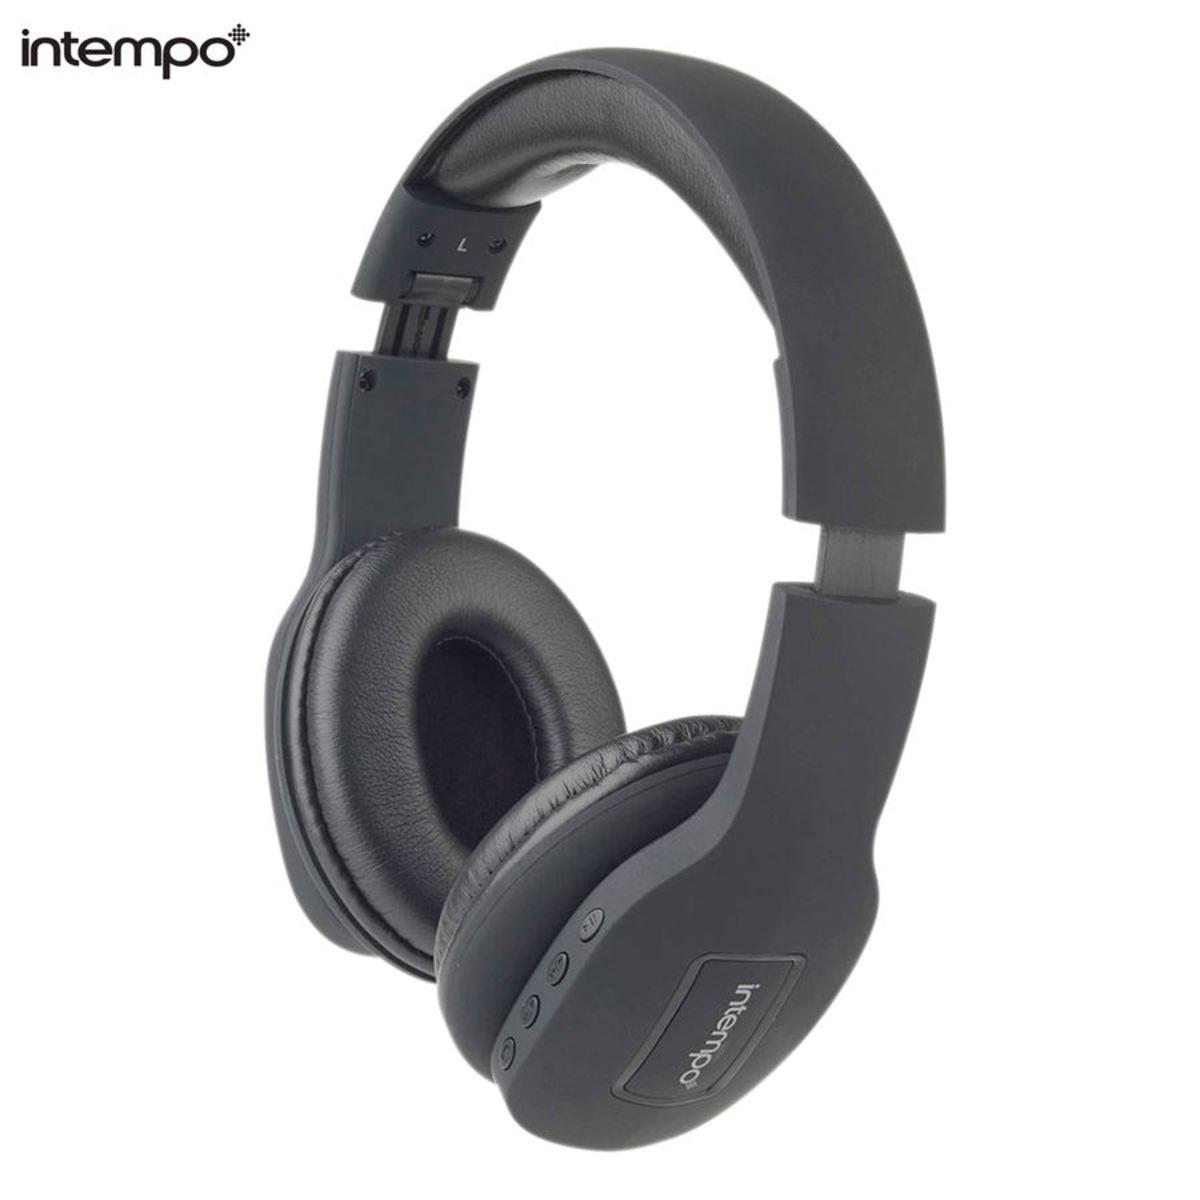 Bild 1 von Intempo Bluetooth Melody-Kopfhörer EE1 178